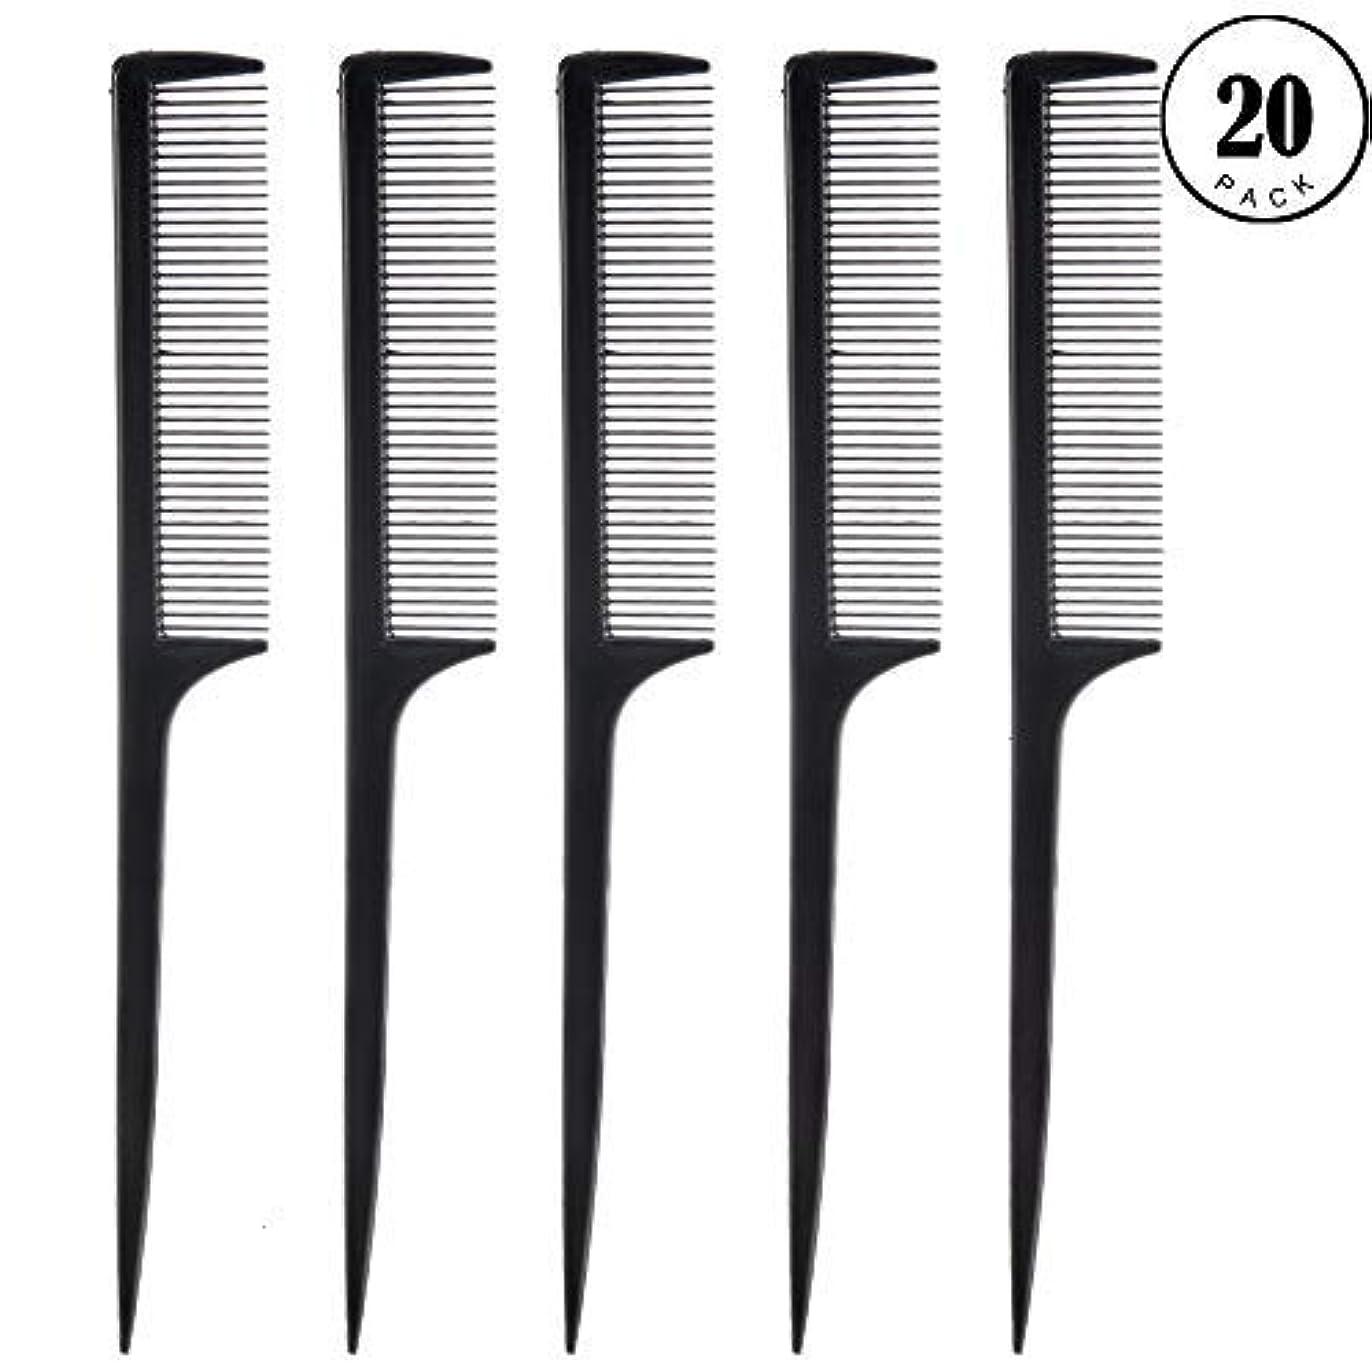 ボトルネック忠実に増強するFeeko Comb, 20 Pieces 21CM Plastic Lightweight Rat Tail Comb All Hair Types Black [並行輸入品]